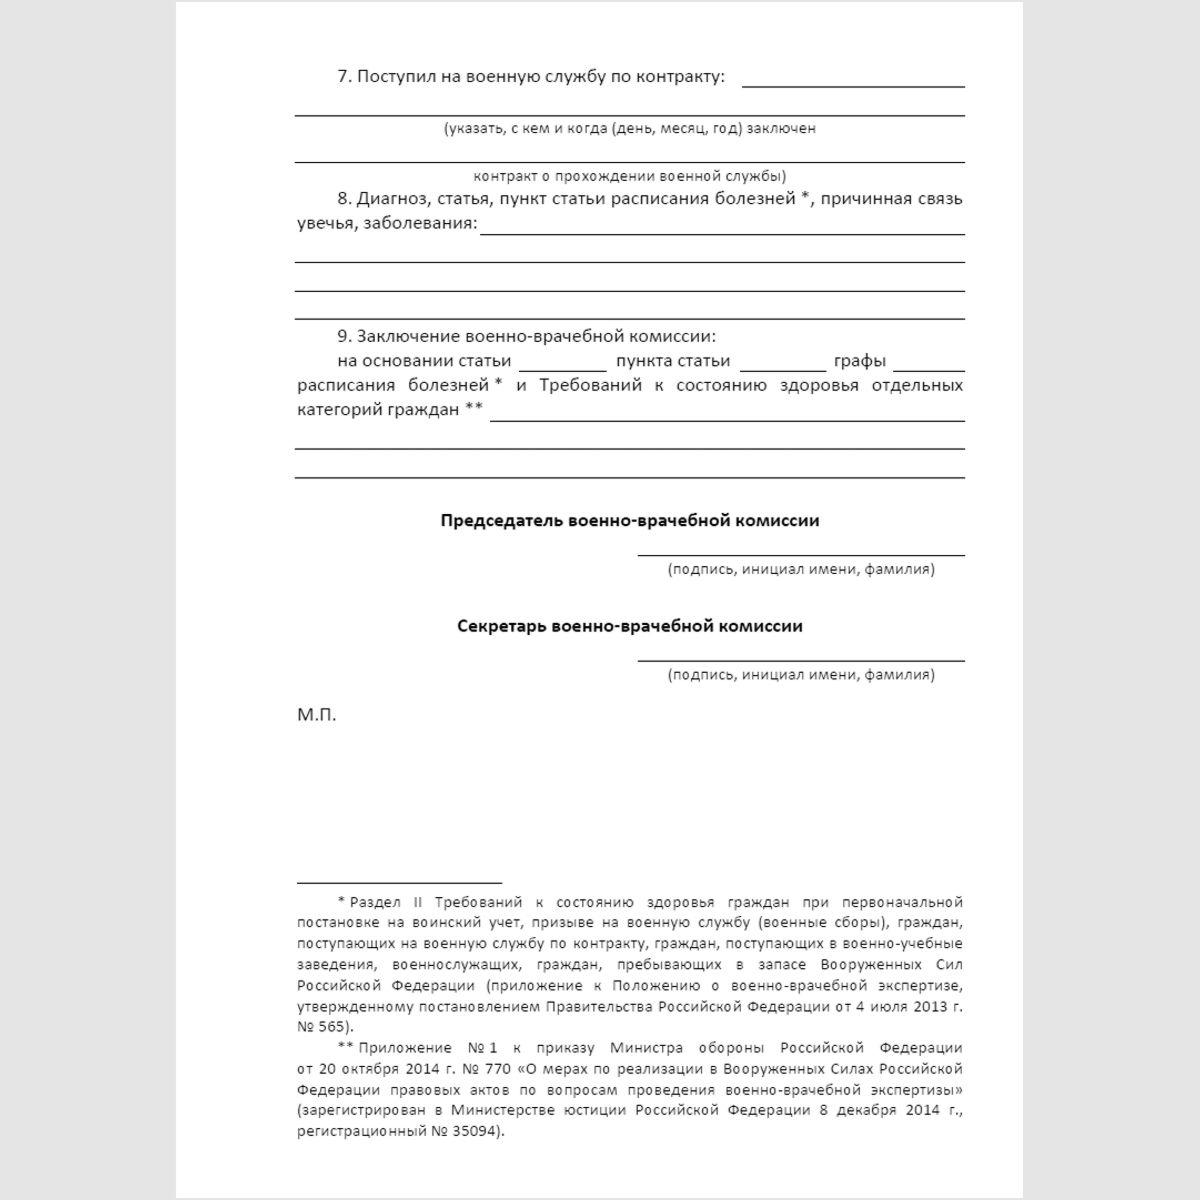 """Форма """"Справка военно-врачебной комиссии"""". Стр. 2"""